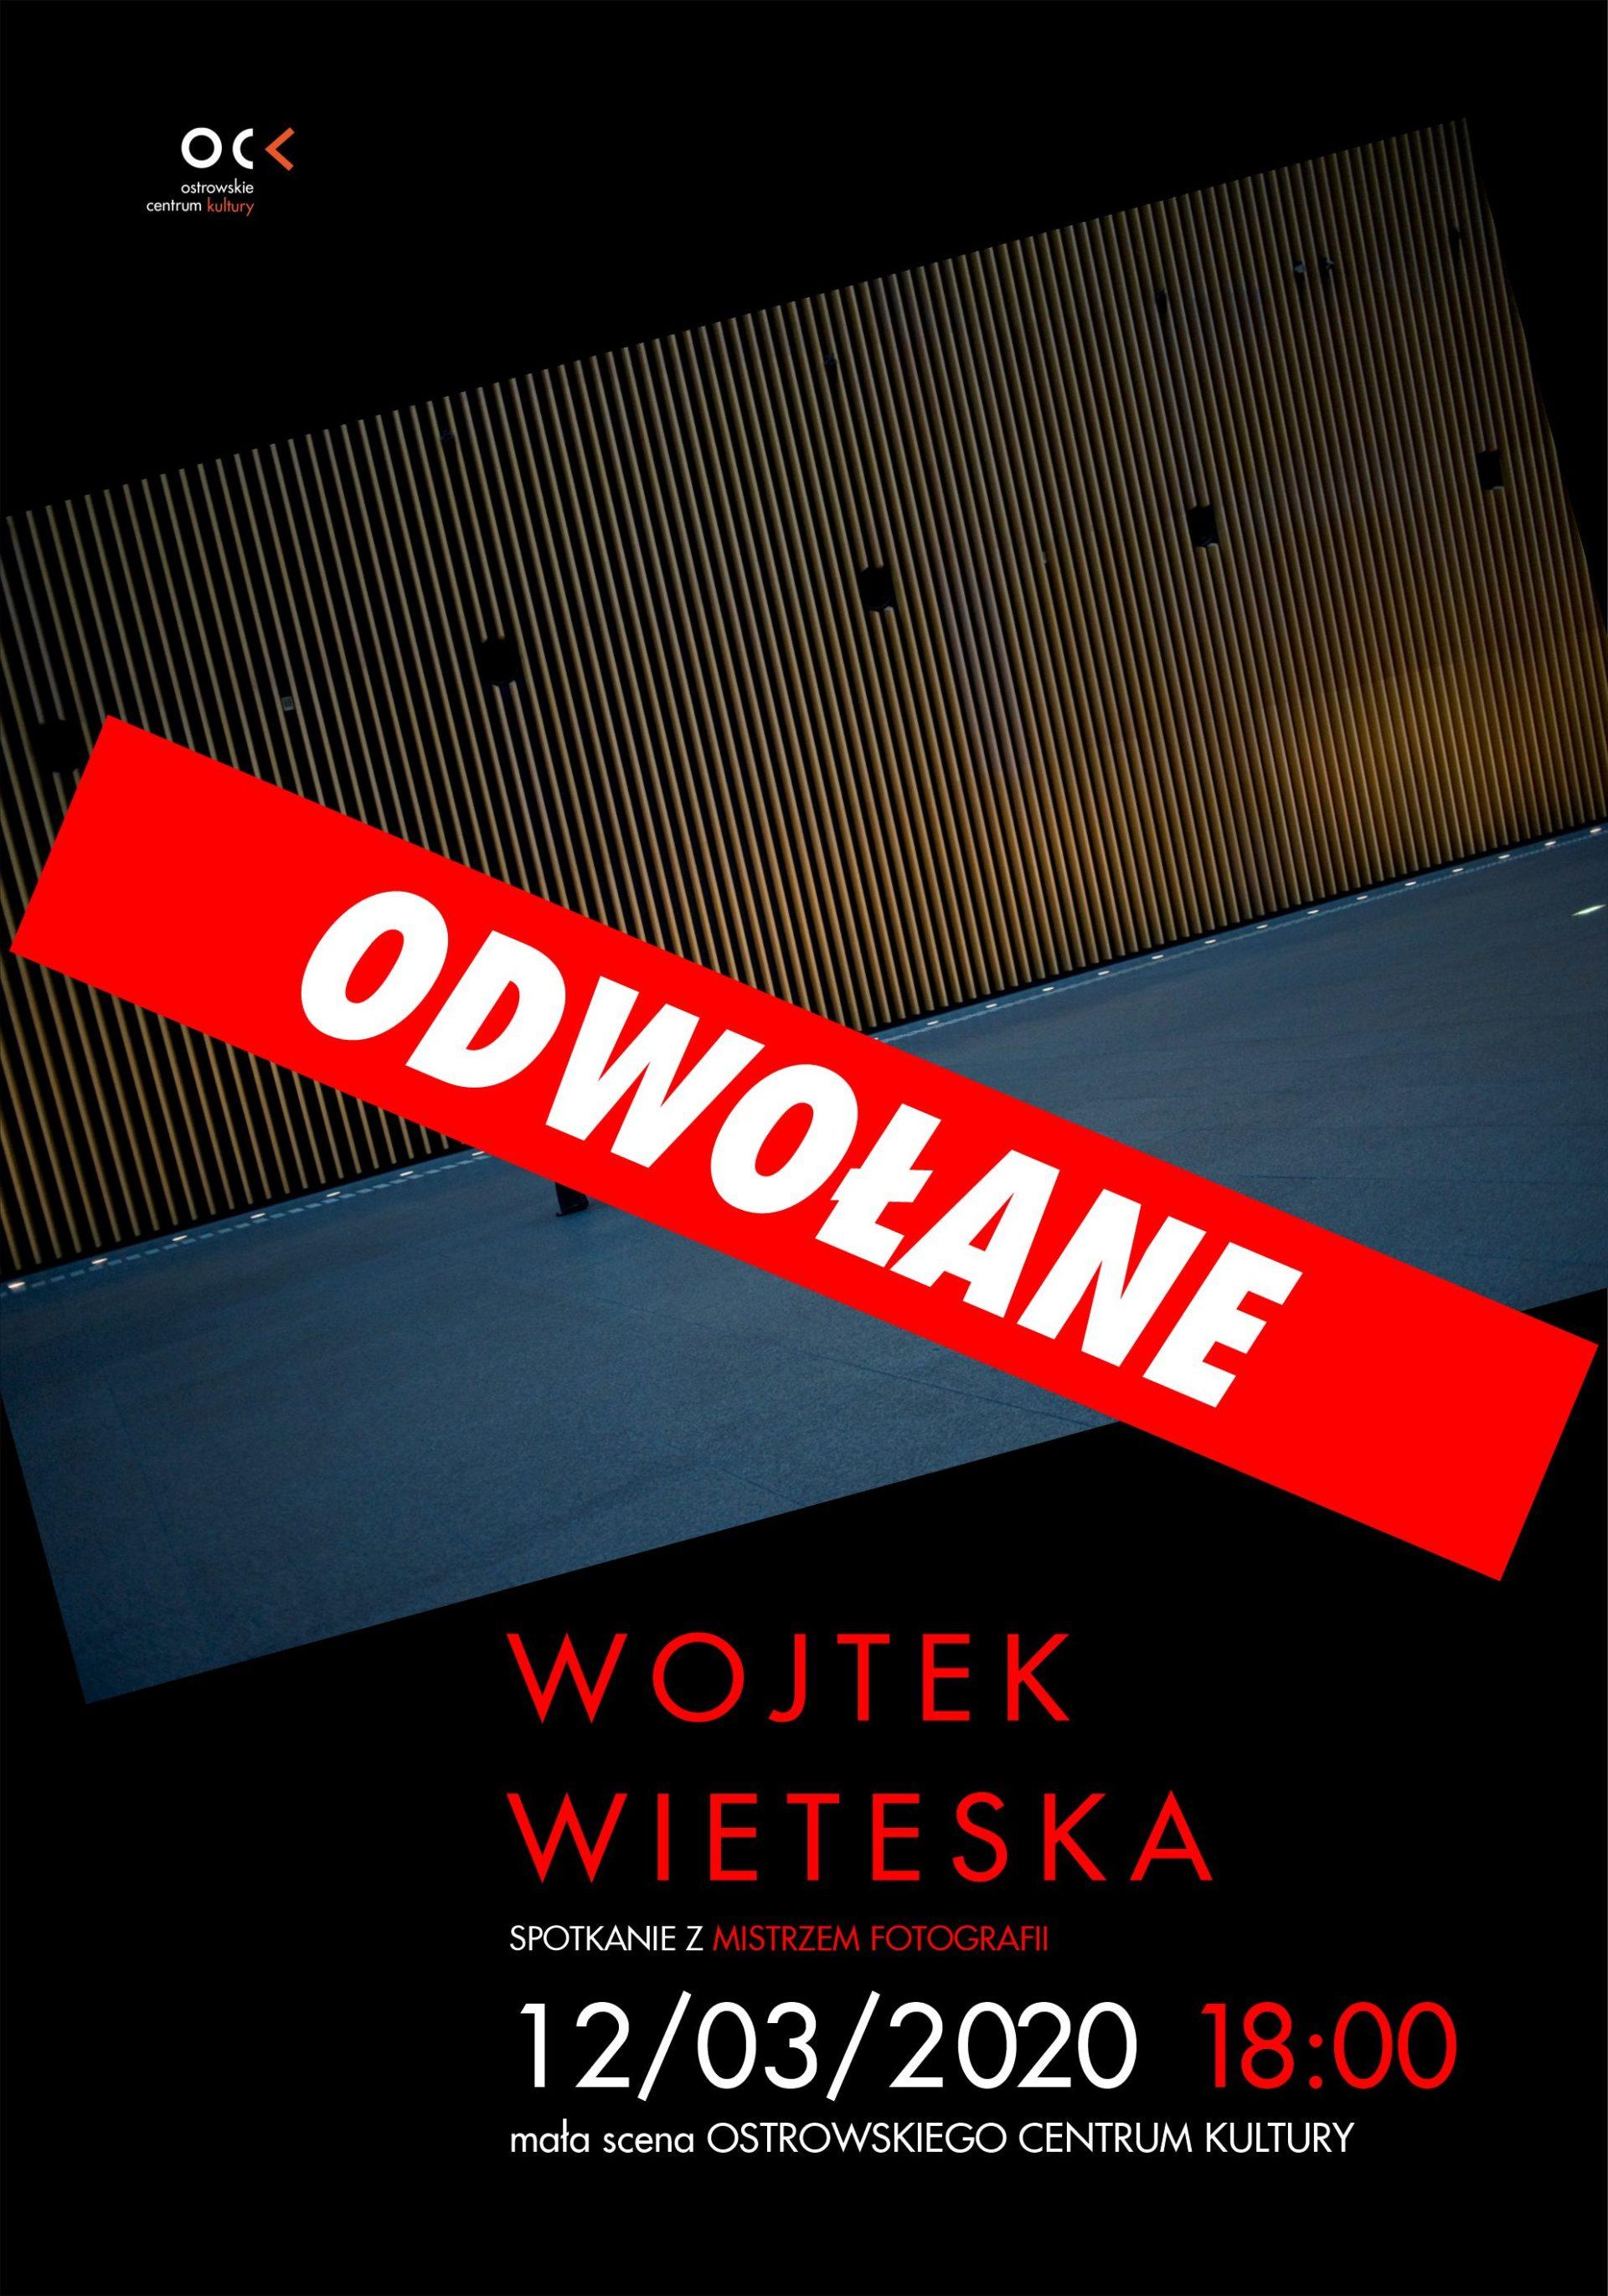 Wojtek Wieteska | Spotkanie z Mistrzem Fotografii